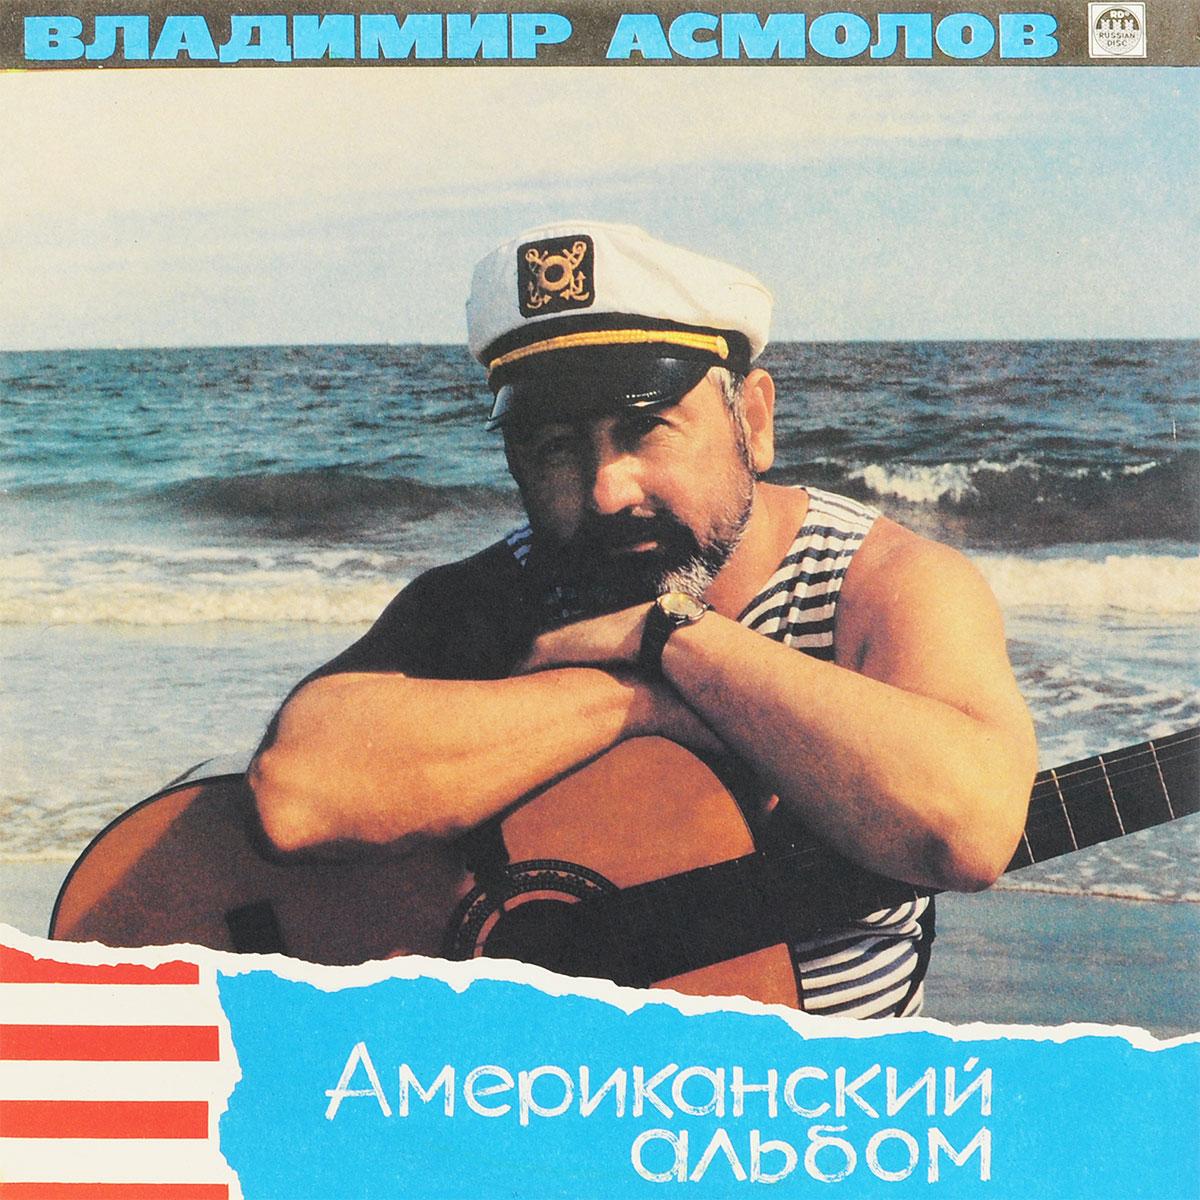 Владимир Асмолов. Американский альбом (LP)